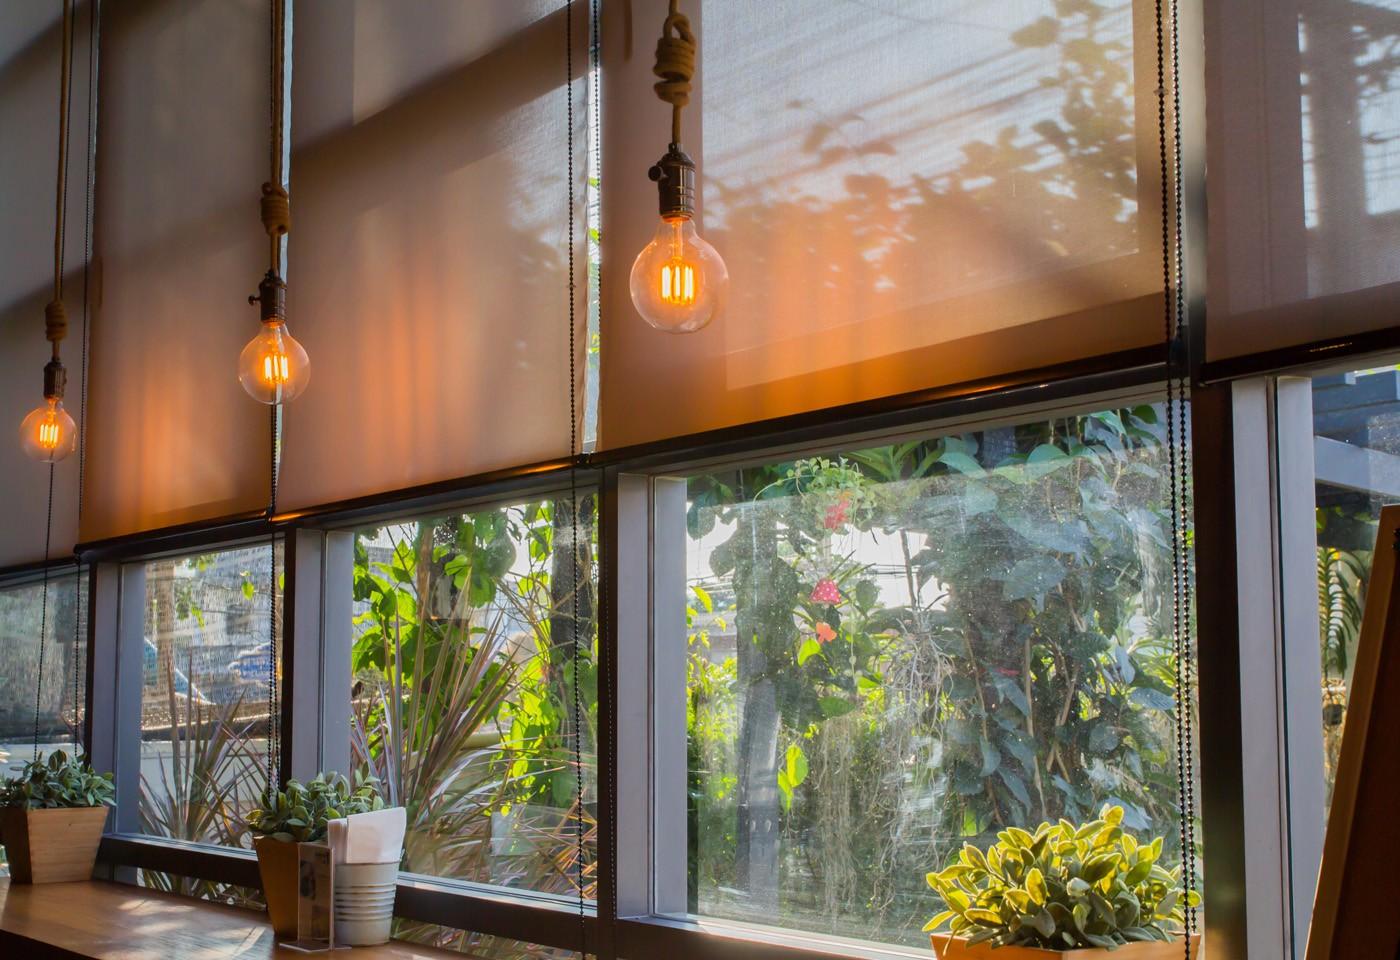 Rinfrescare Casa Fai Da Te estate e caldo: come rinfrescare la casa senza condizionatore?